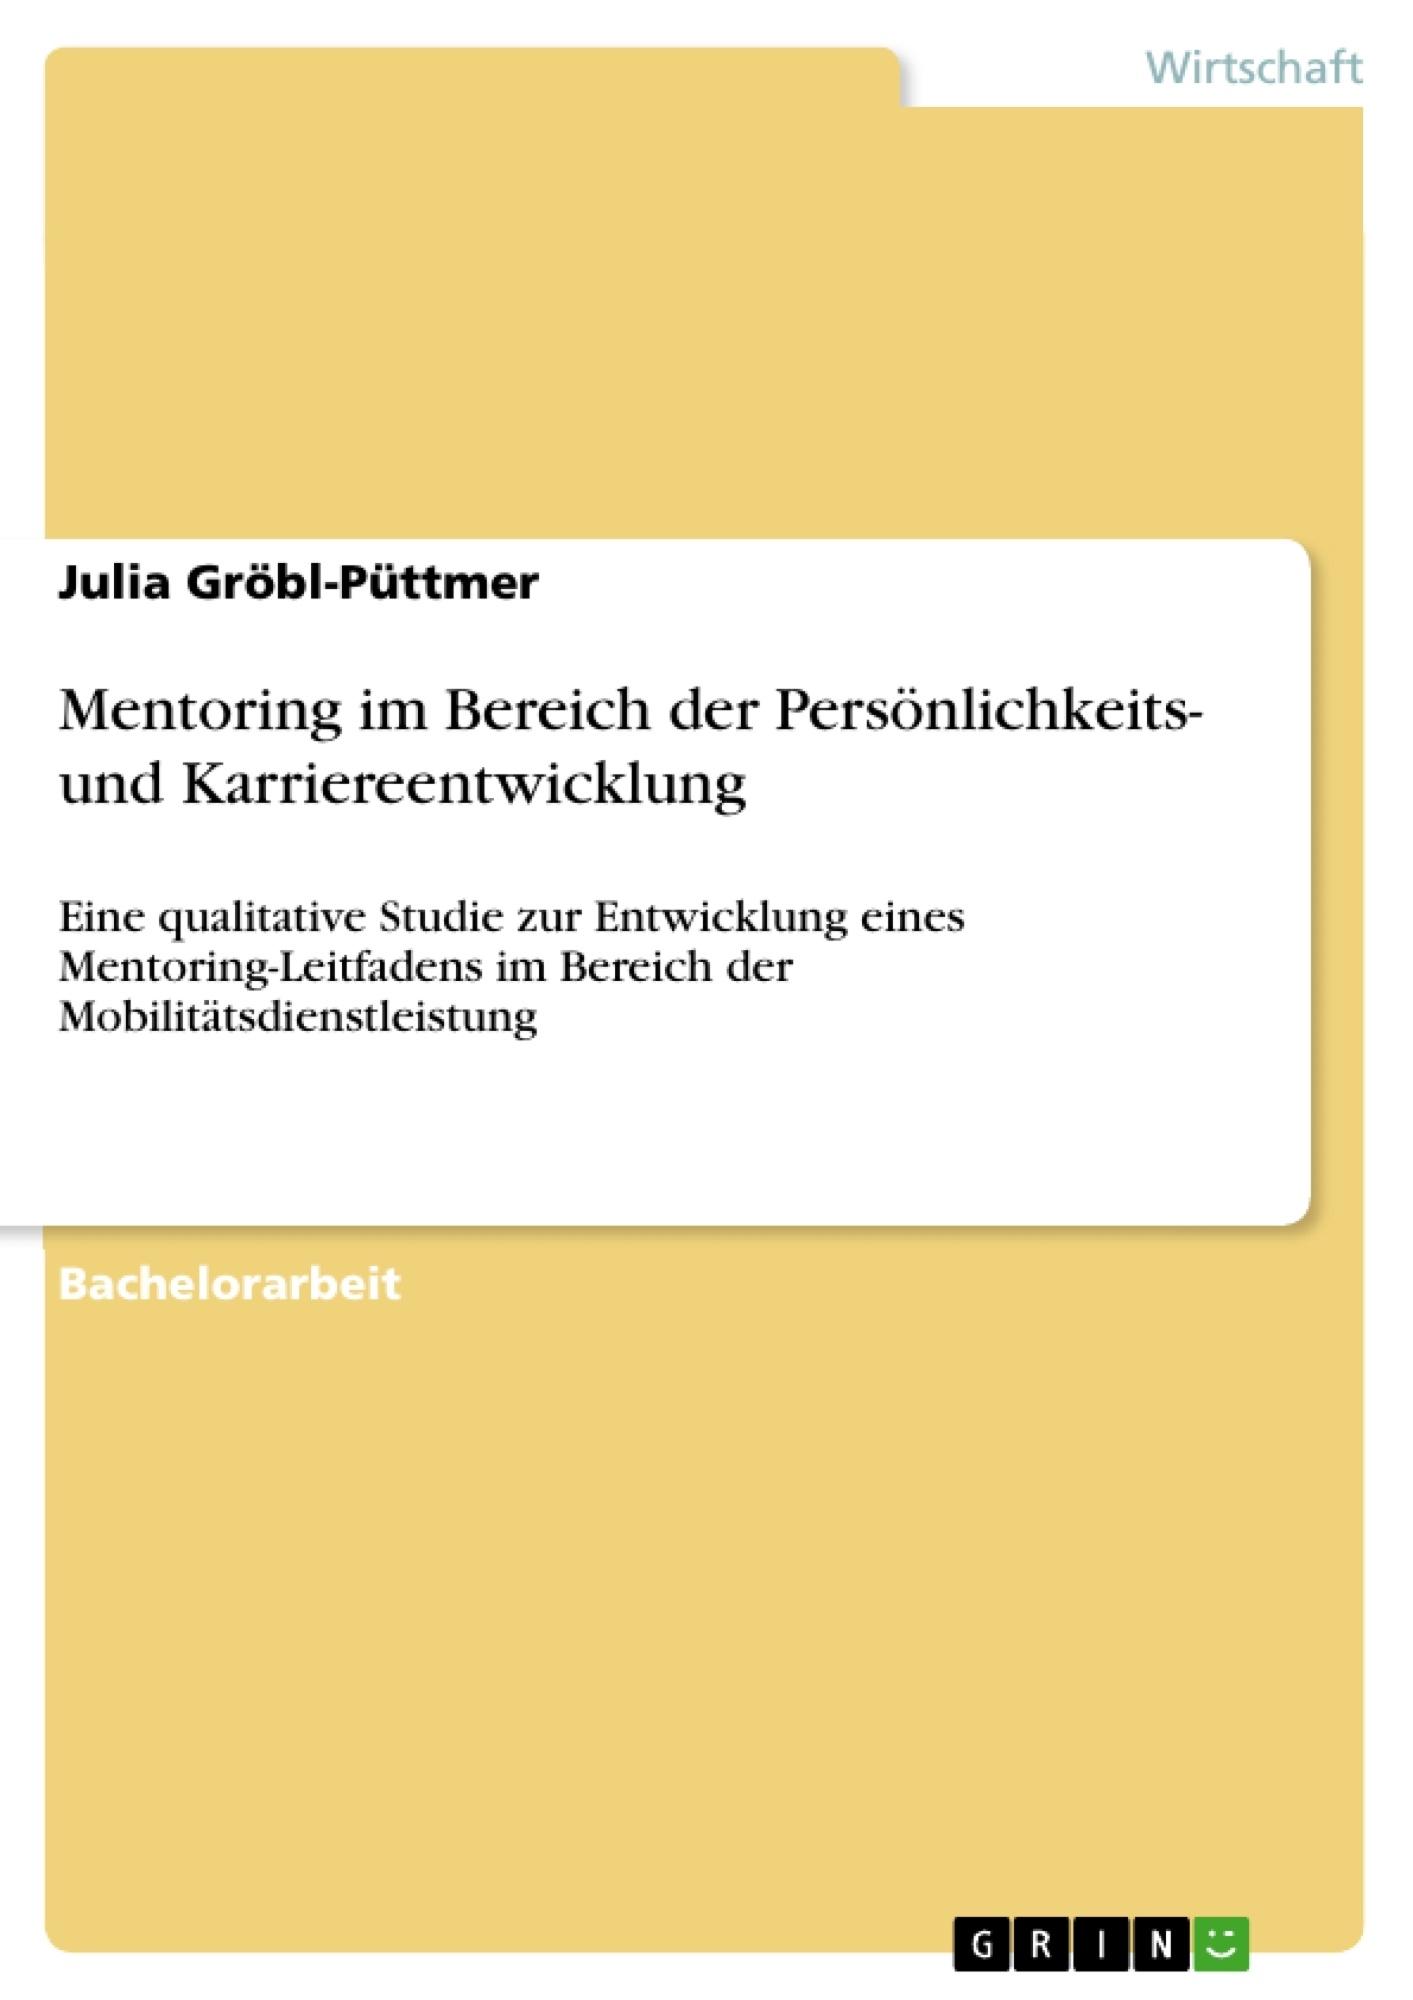 Titel: Mentoring im Bereich der Persönlichkeits- und Karriereentwicklung